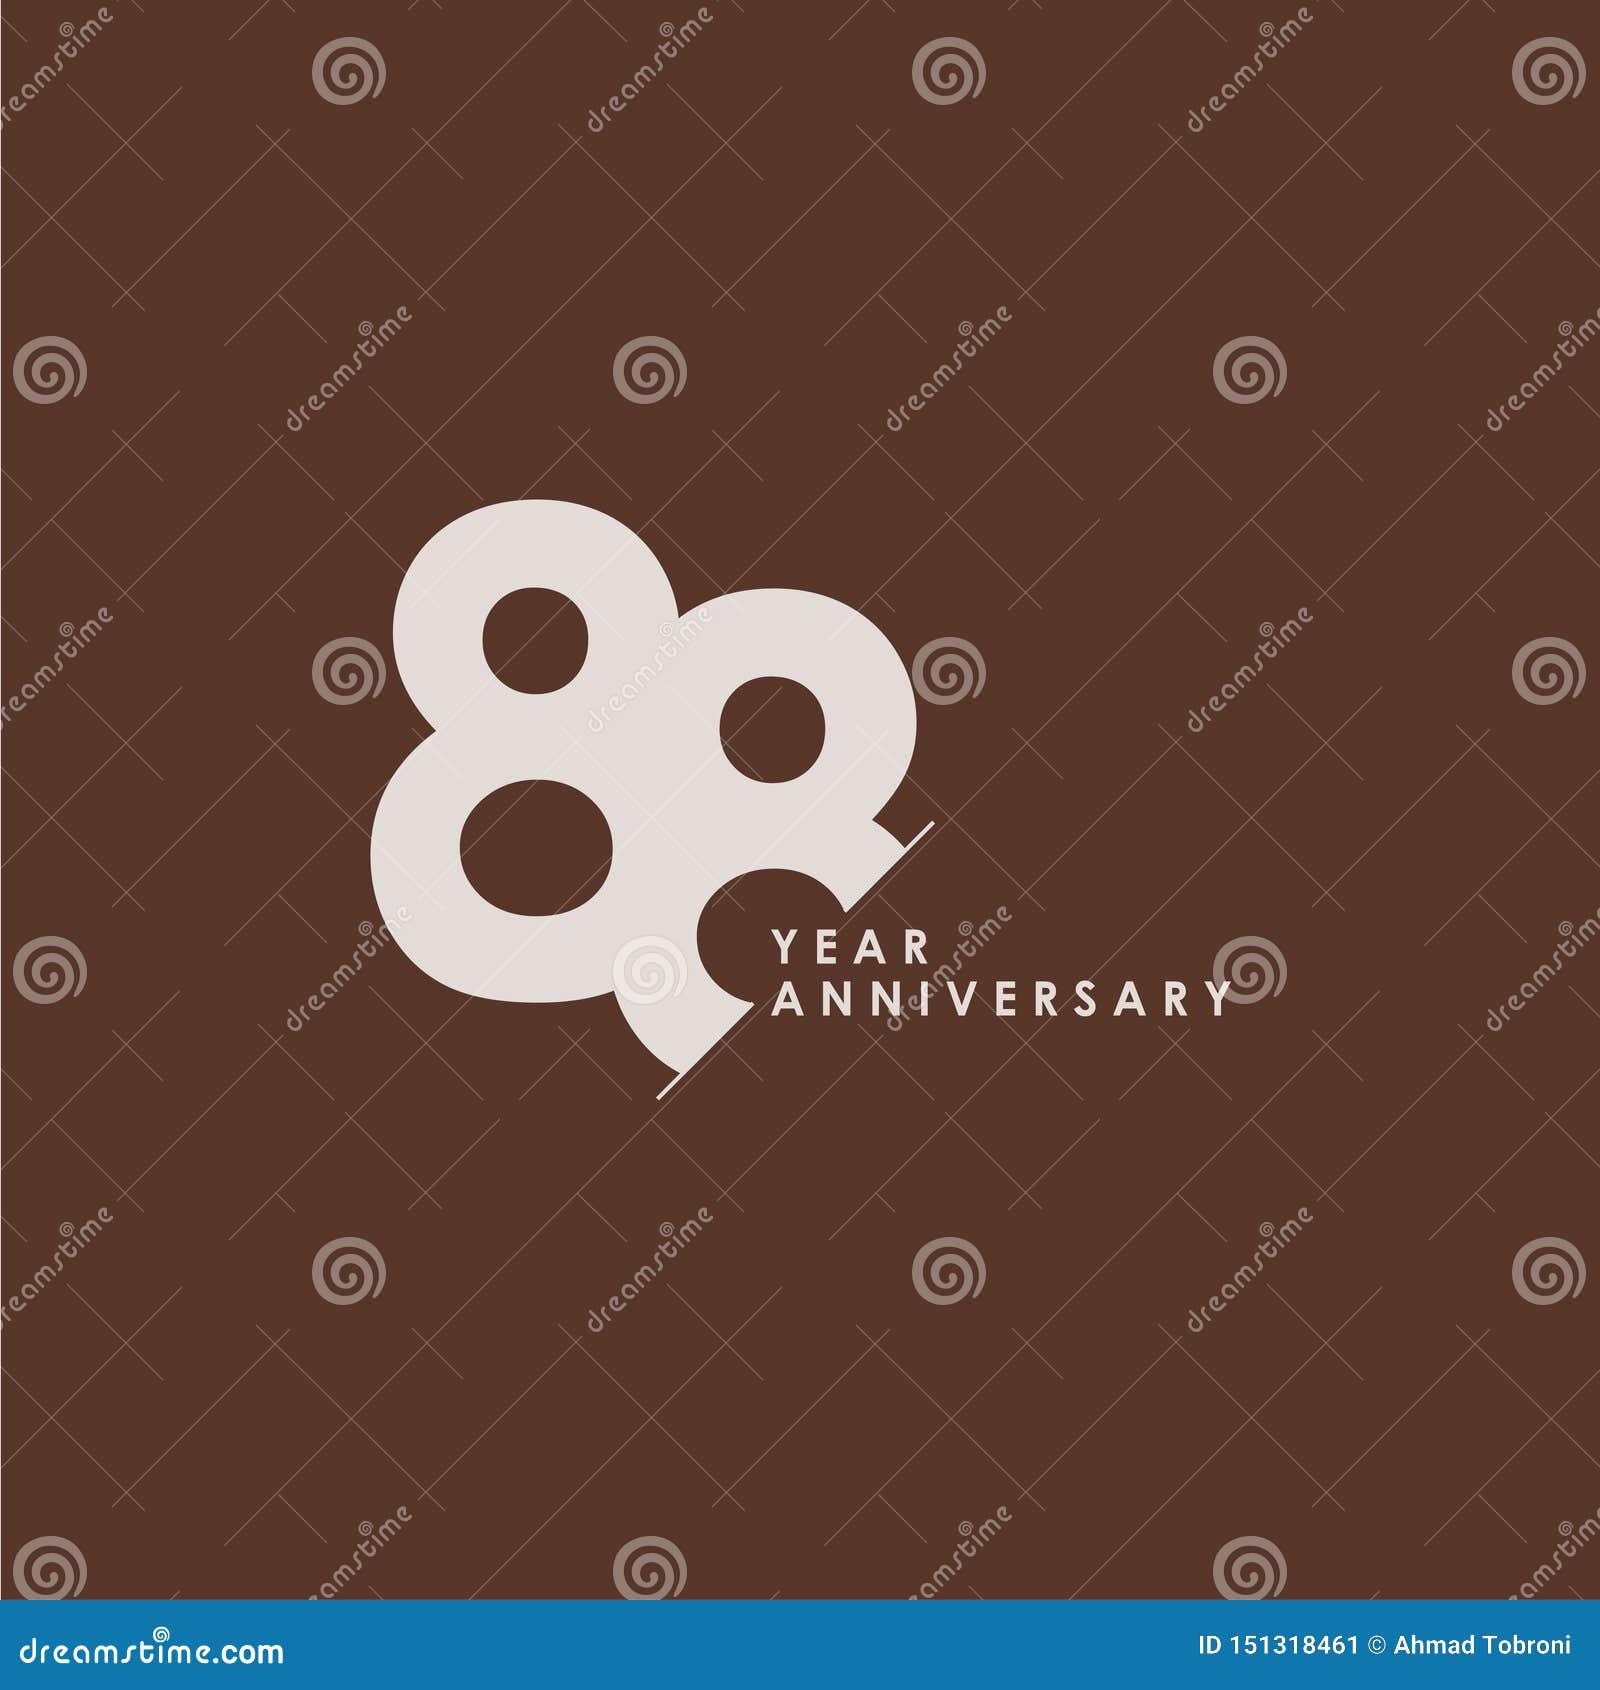 88 do aniversário da celebração do vetor do molde anos de ilustração do projeto